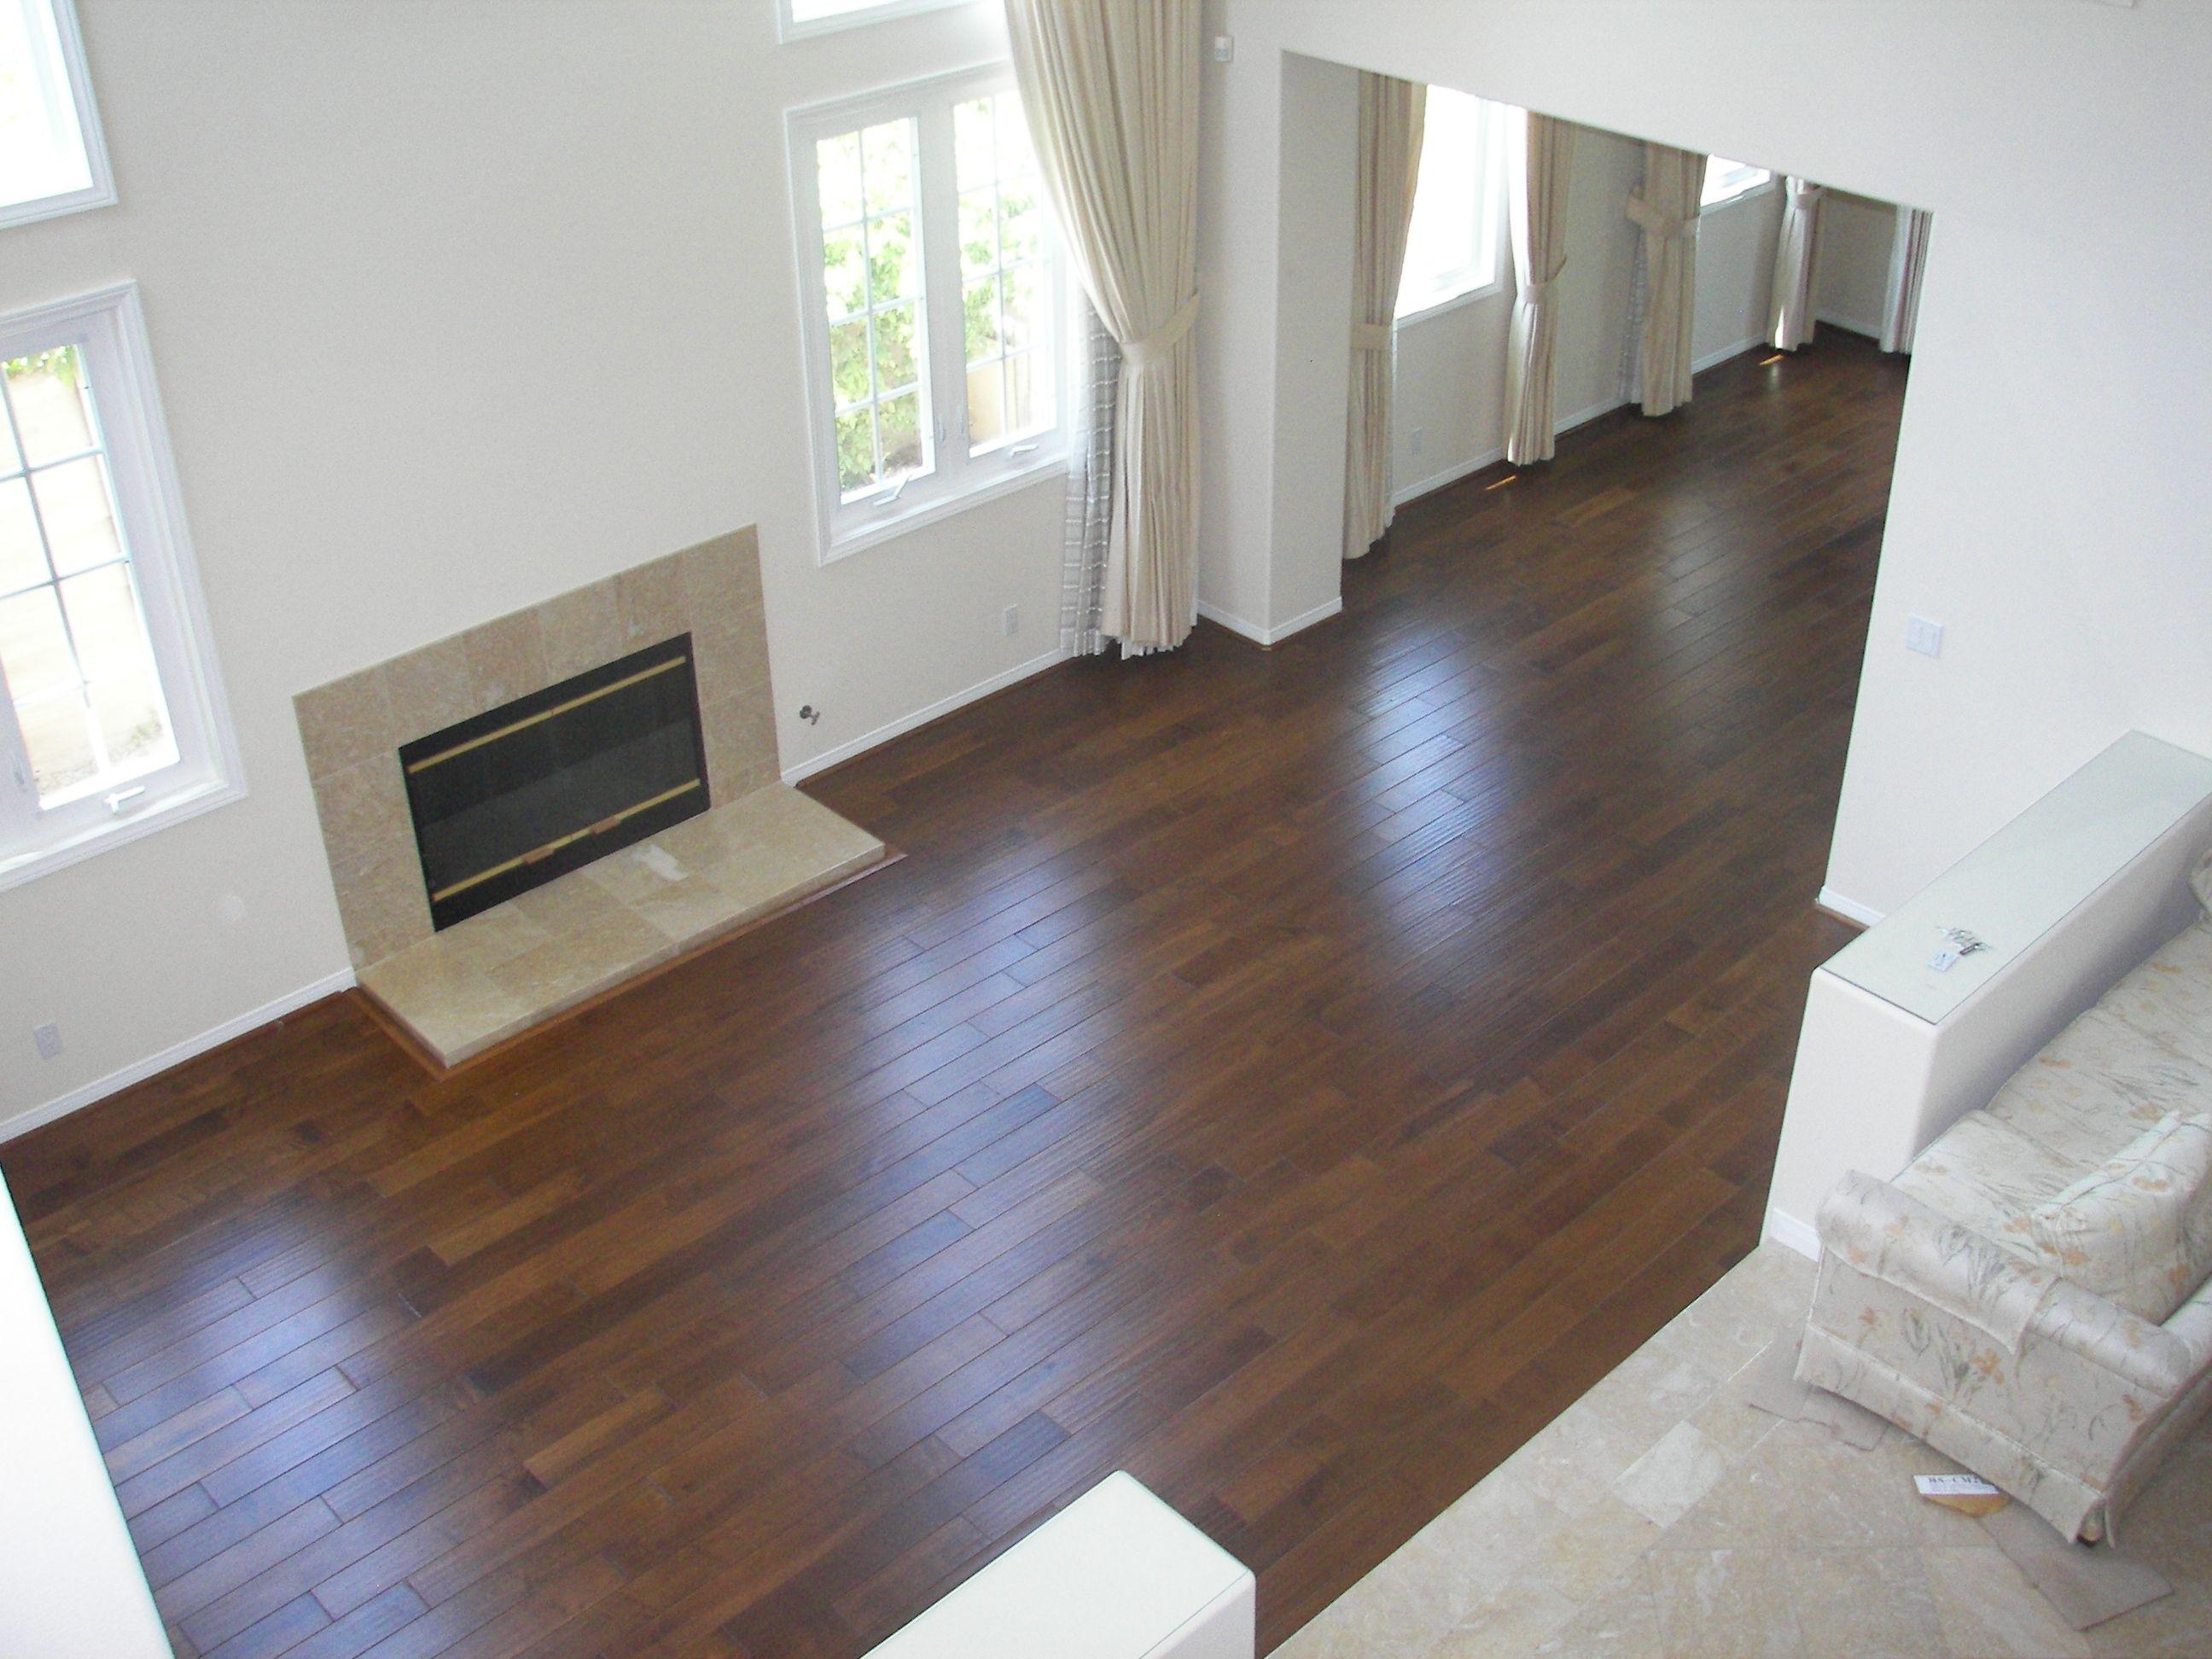 Engineered Wood Floor Glue Or Nail Engineered hardwood